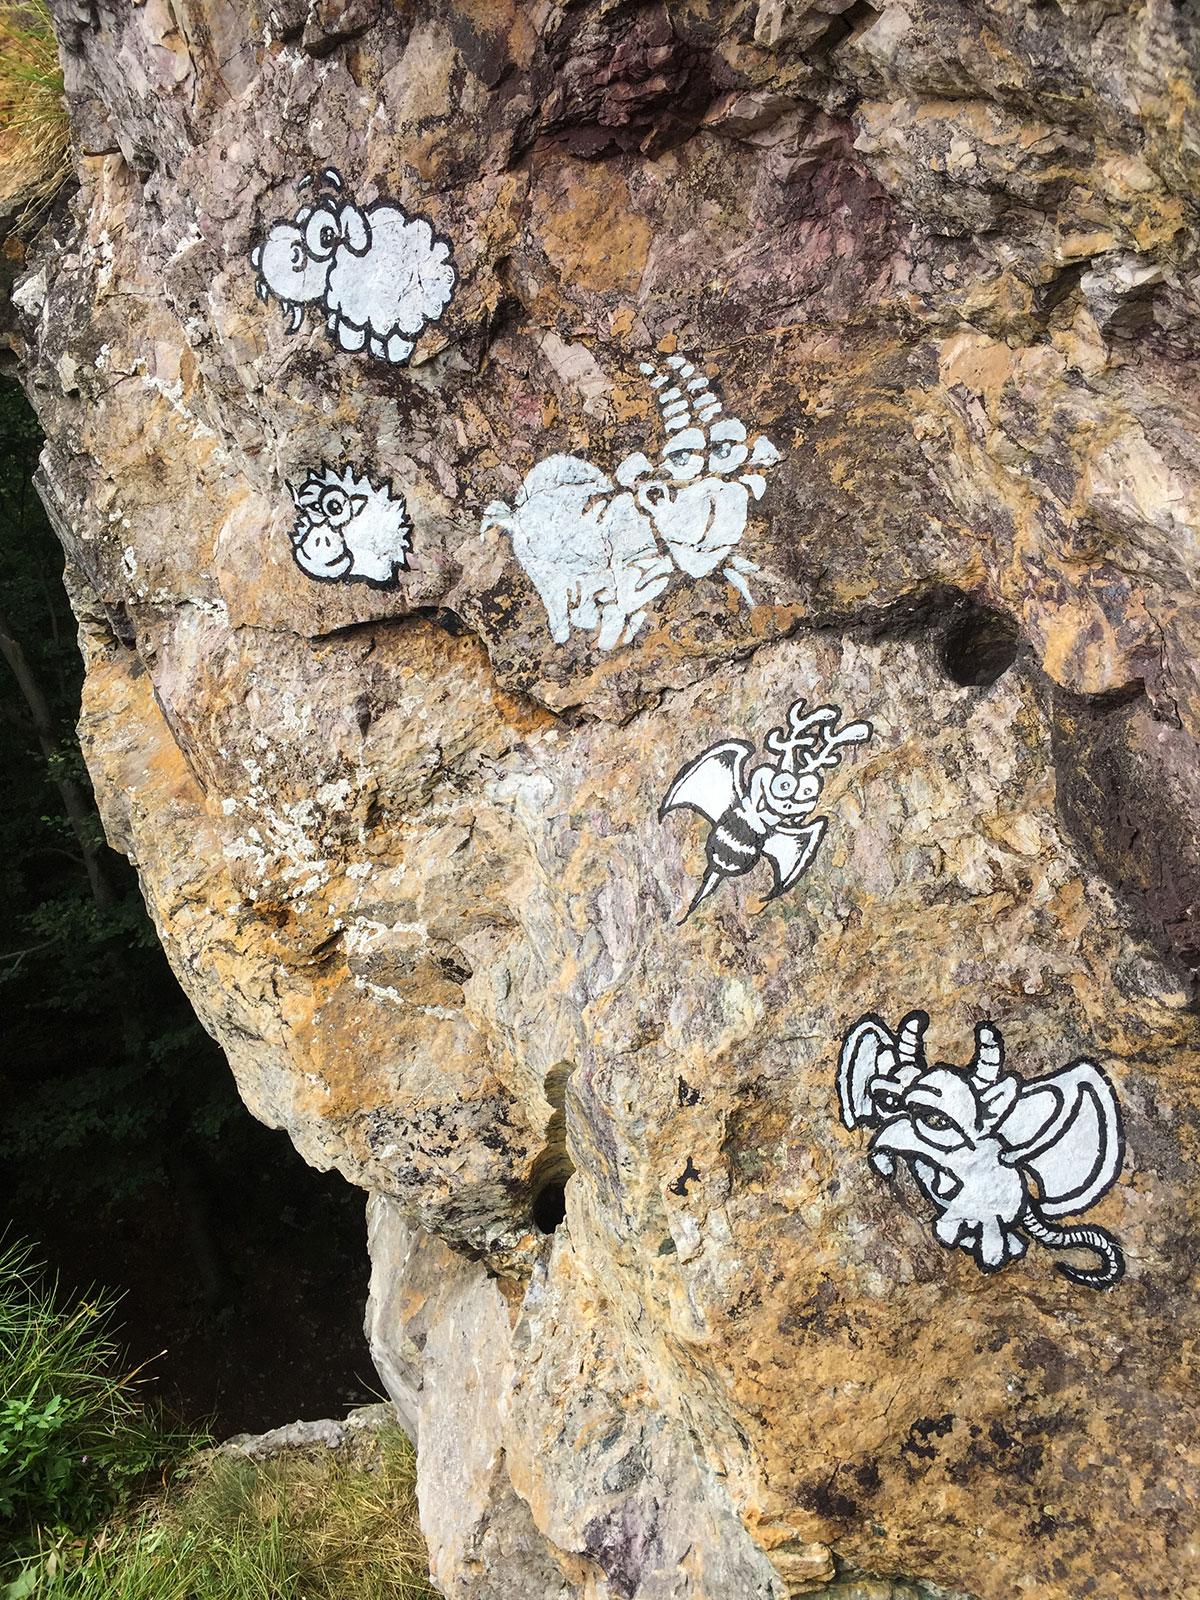 Harz, Krockstein, Graffiti, Trolle